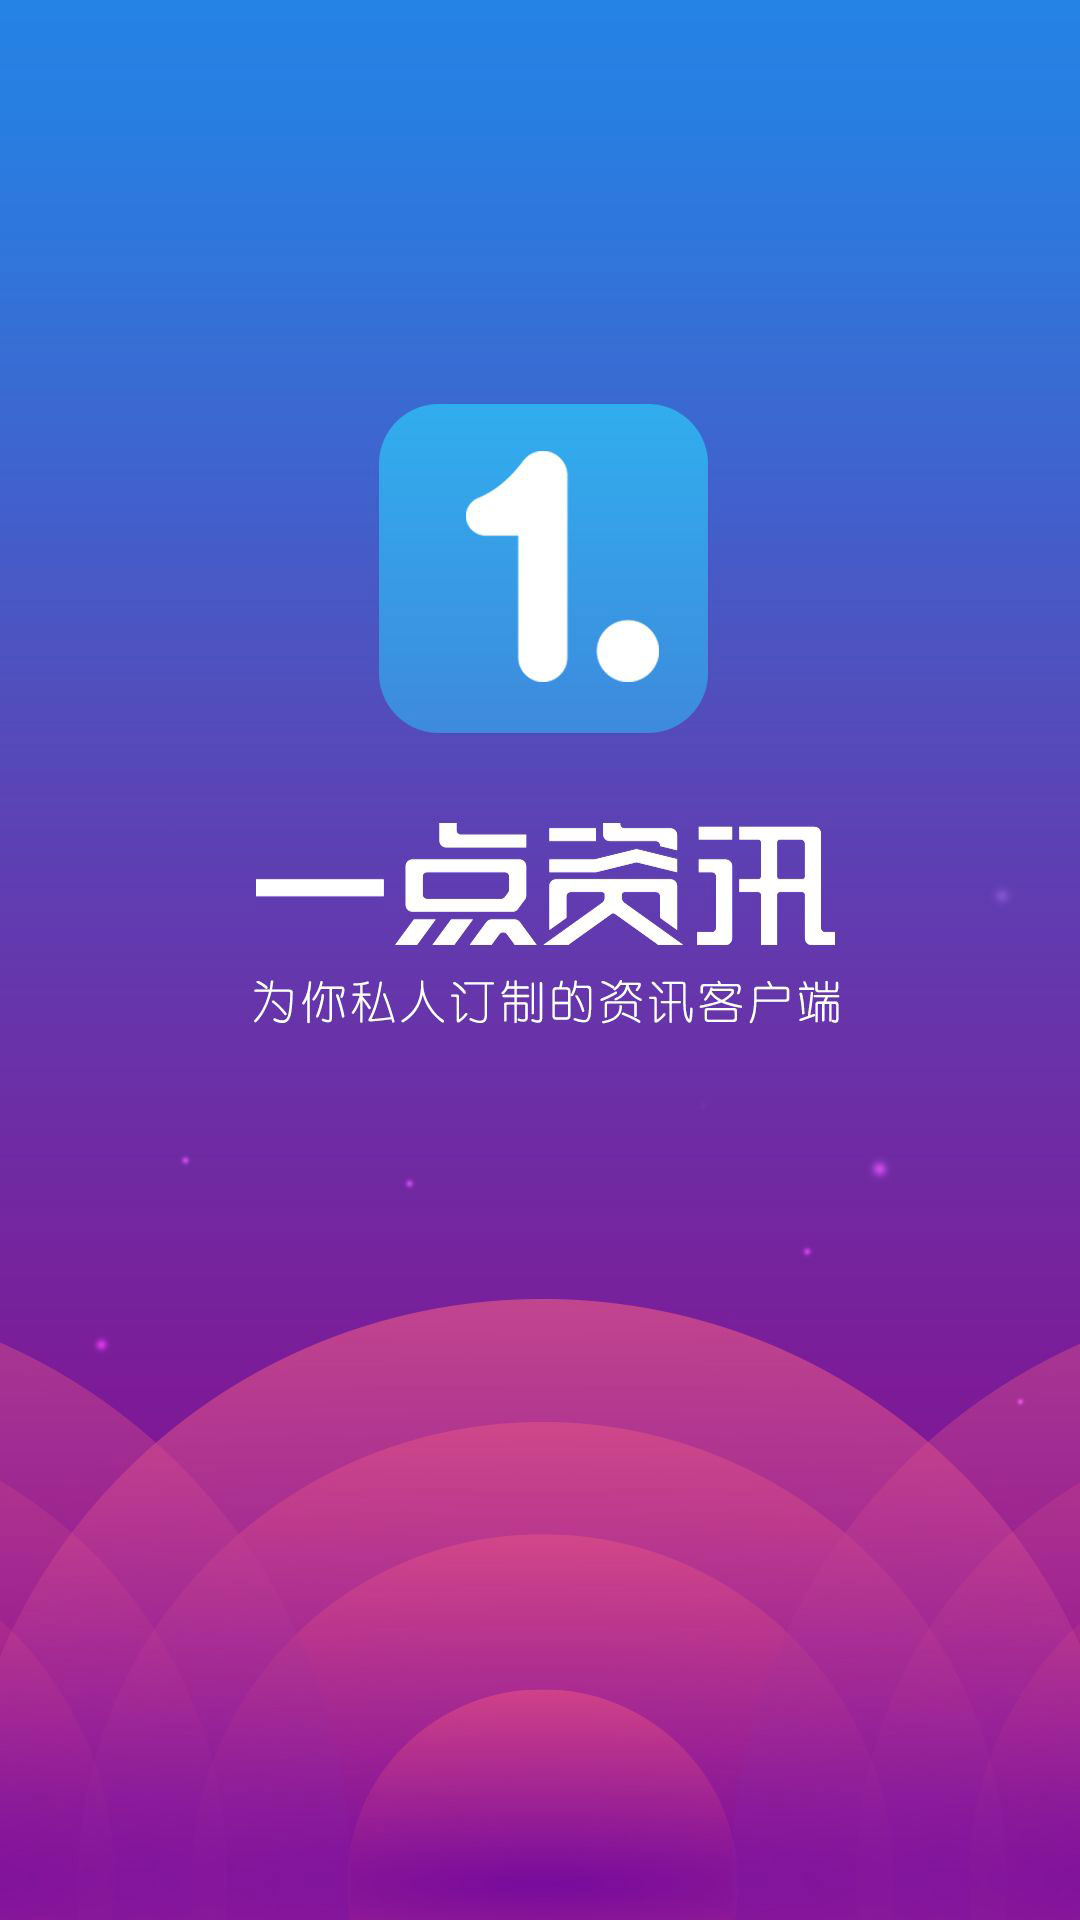 资讯_一点资讯 安卓版最新版